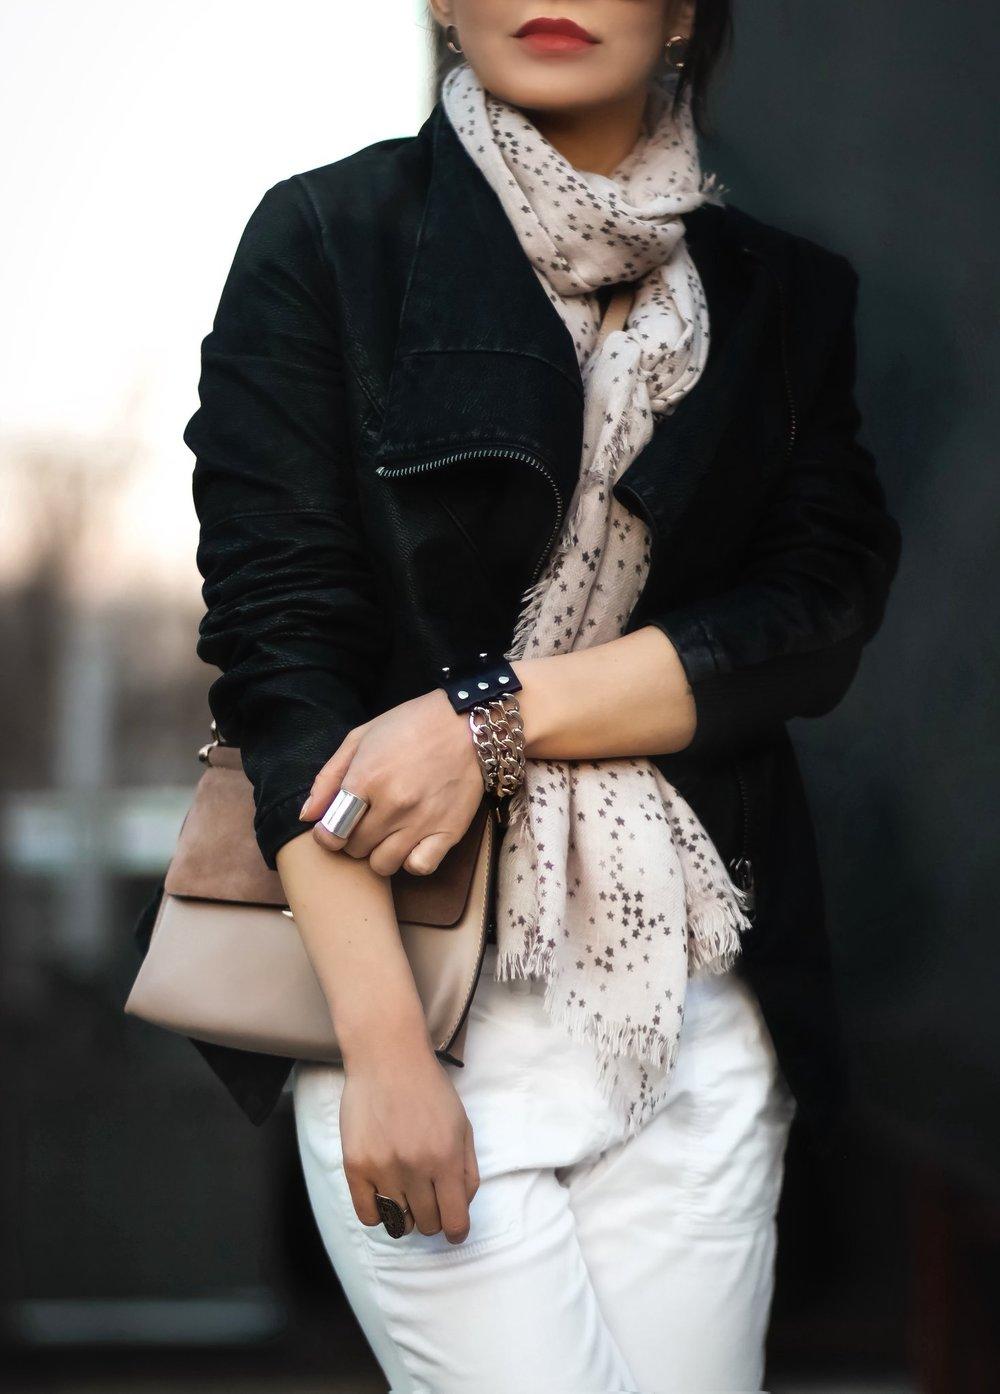 Isabel-Alexander-LOFT-white-denim-HM-black-suede-moto-jacket-details.jpeg